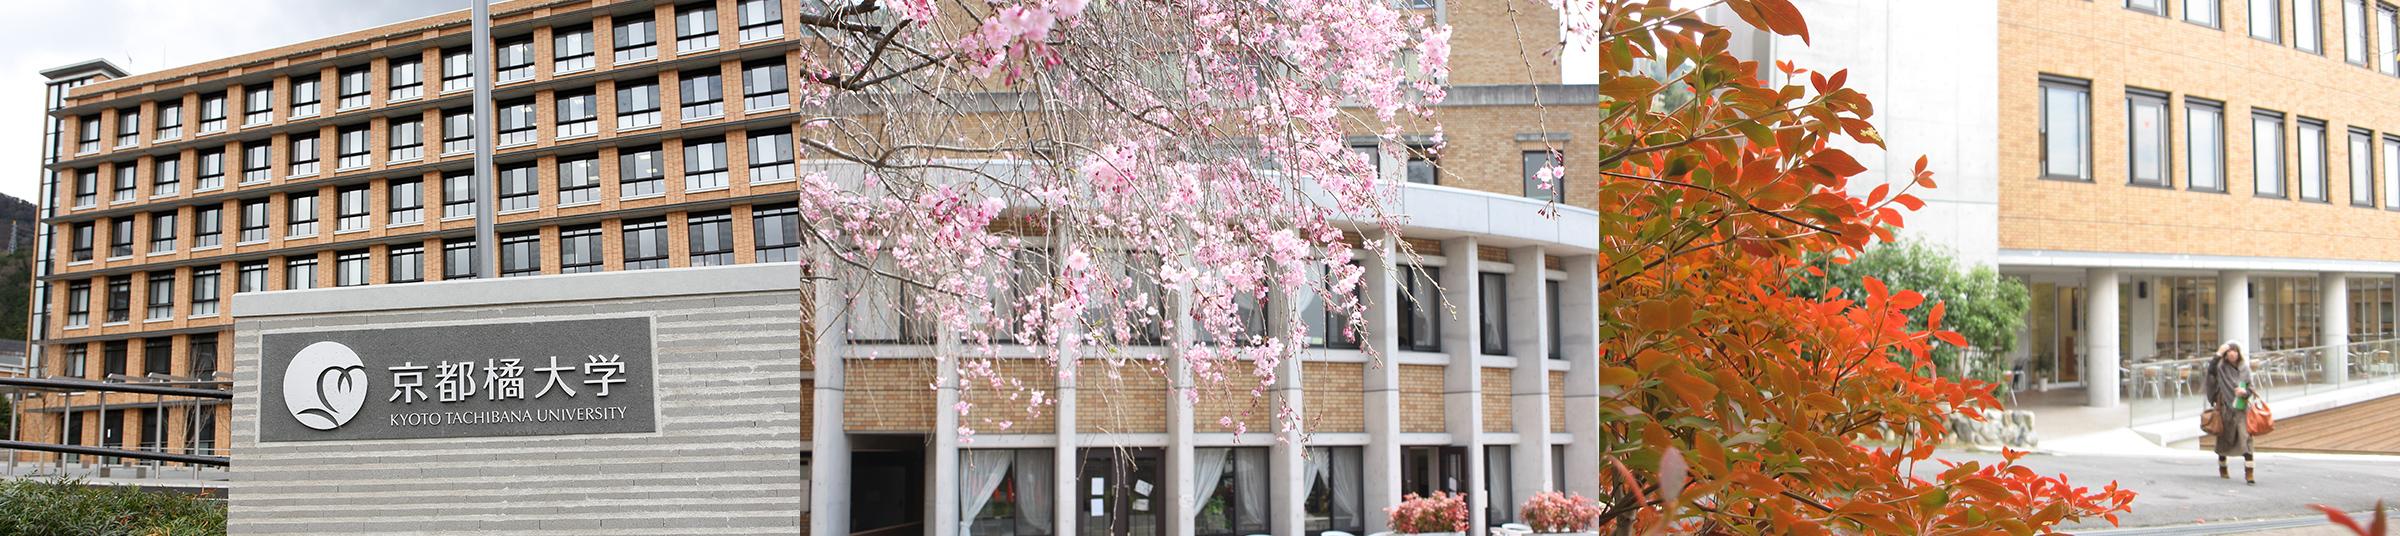 発表 京都 合格 橘 大学